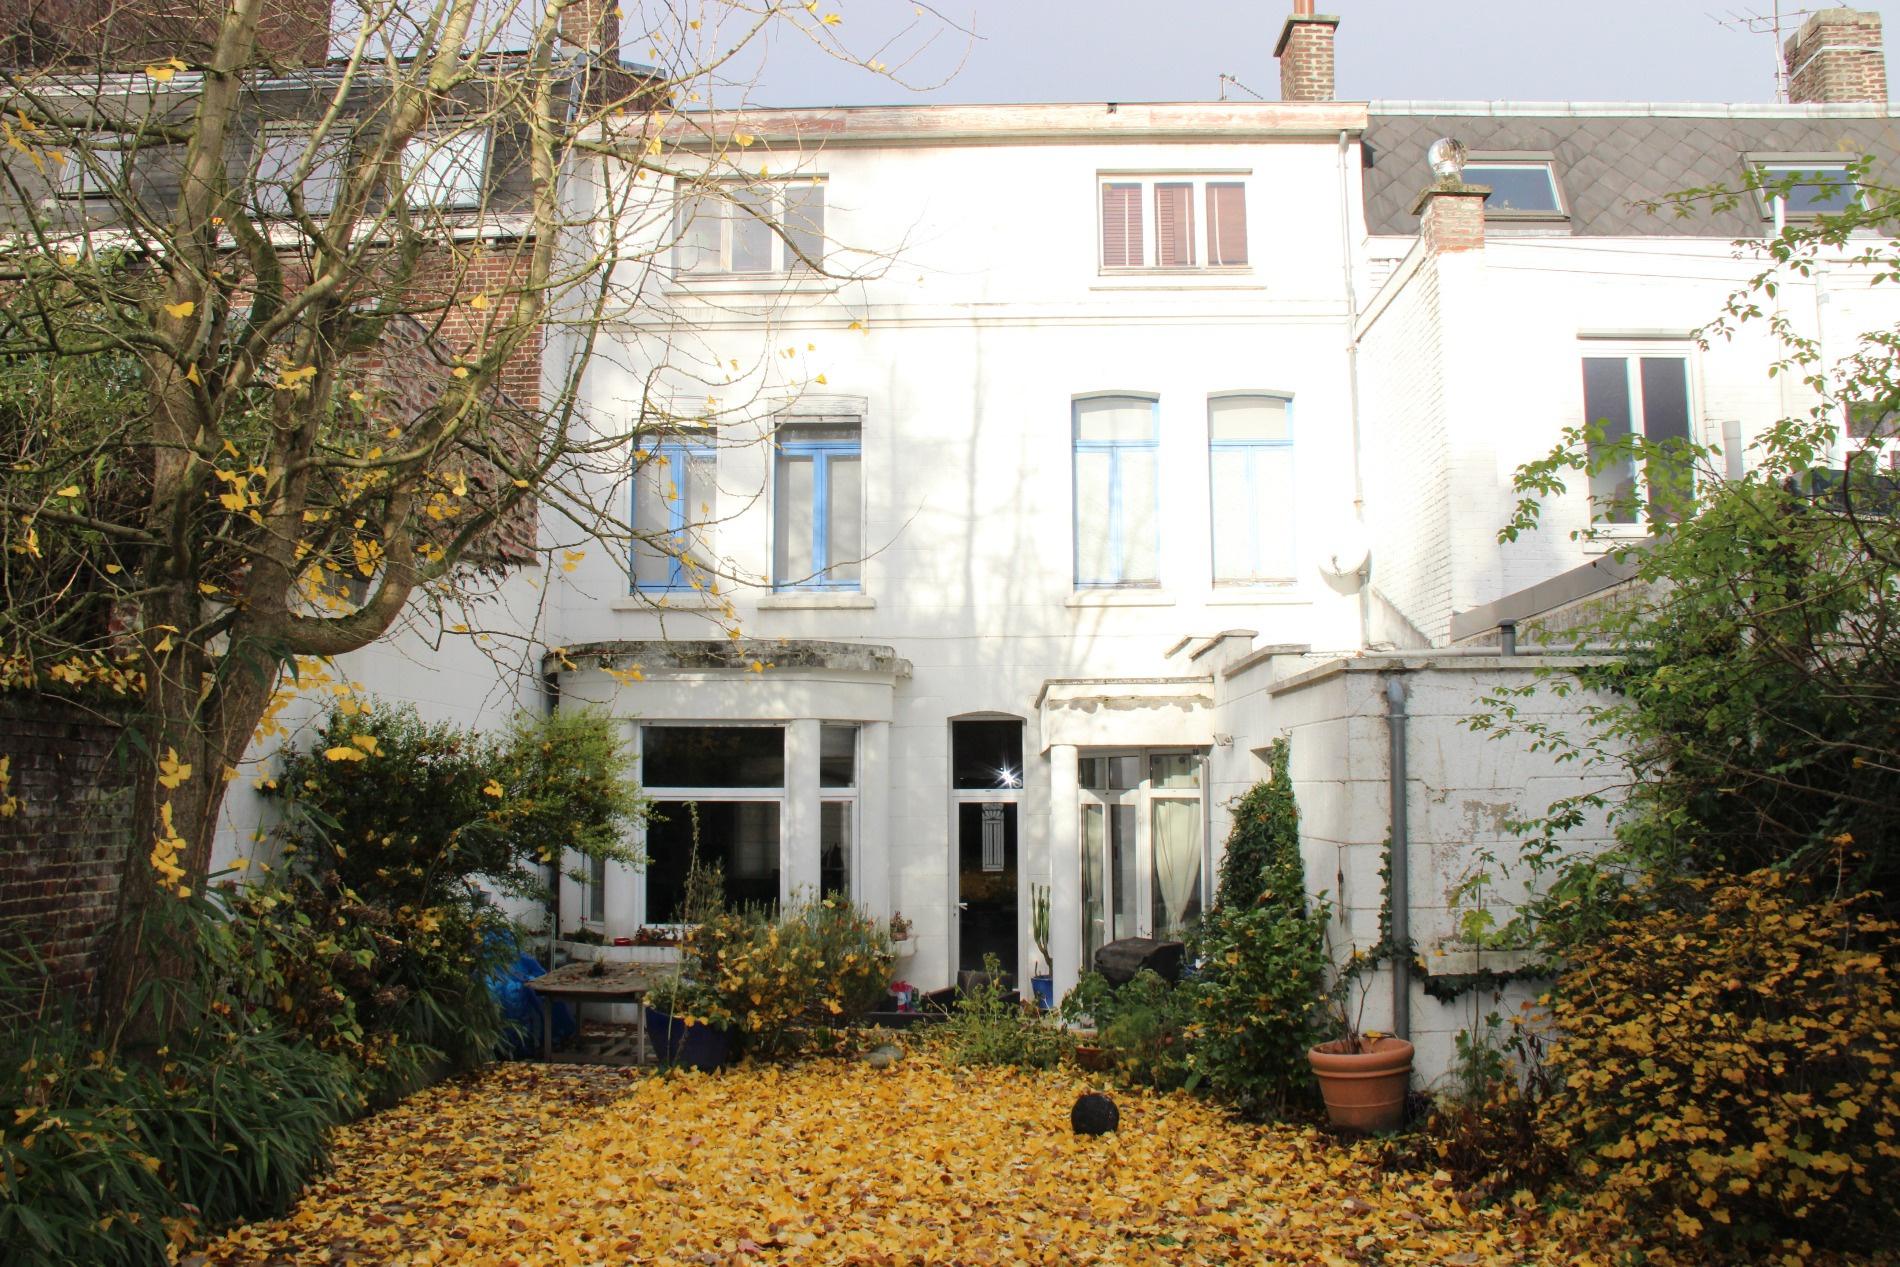 Vente appartement valenciennes maisons et villas for Acheter maison valenciennes